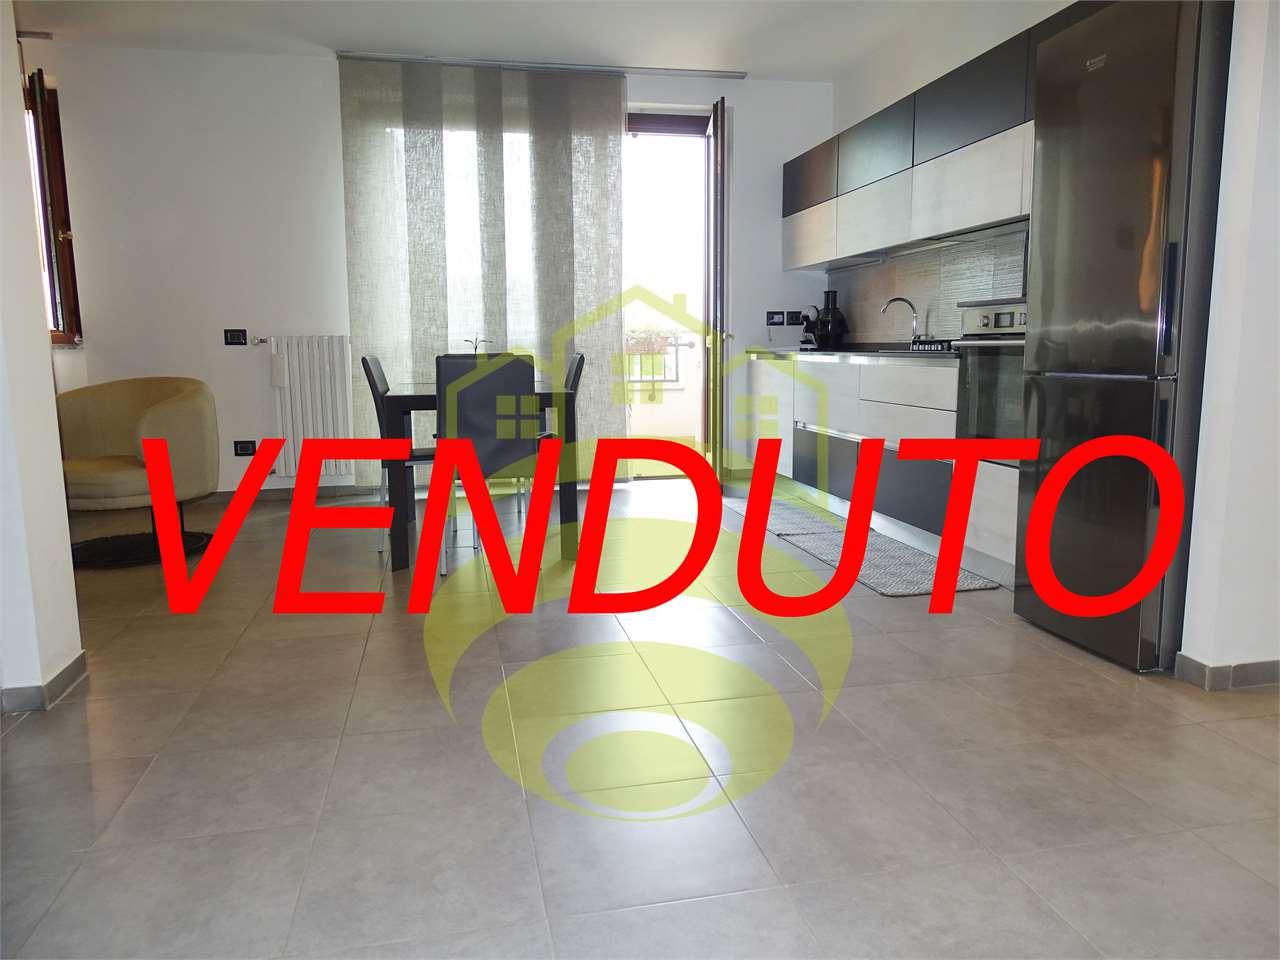 Vendita Trilocale Appartamento Cerro al Lambro via montale 1 230880